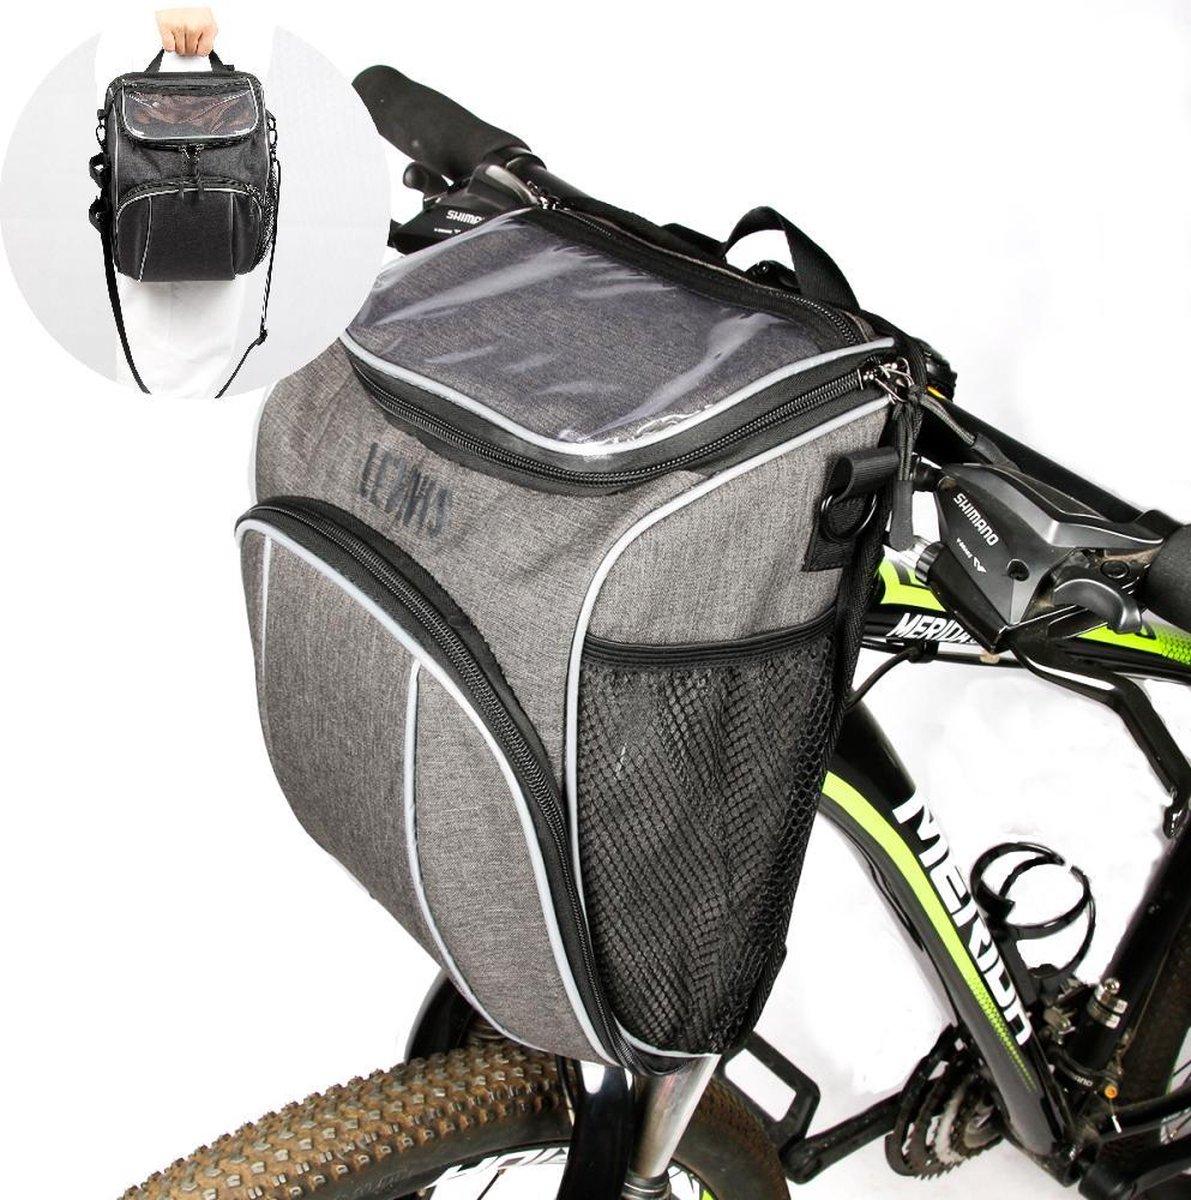 Levevis: fietstas en schoudertas  met smartphonehouder - Mobielhouder fiets - stuurtas enkel - frame